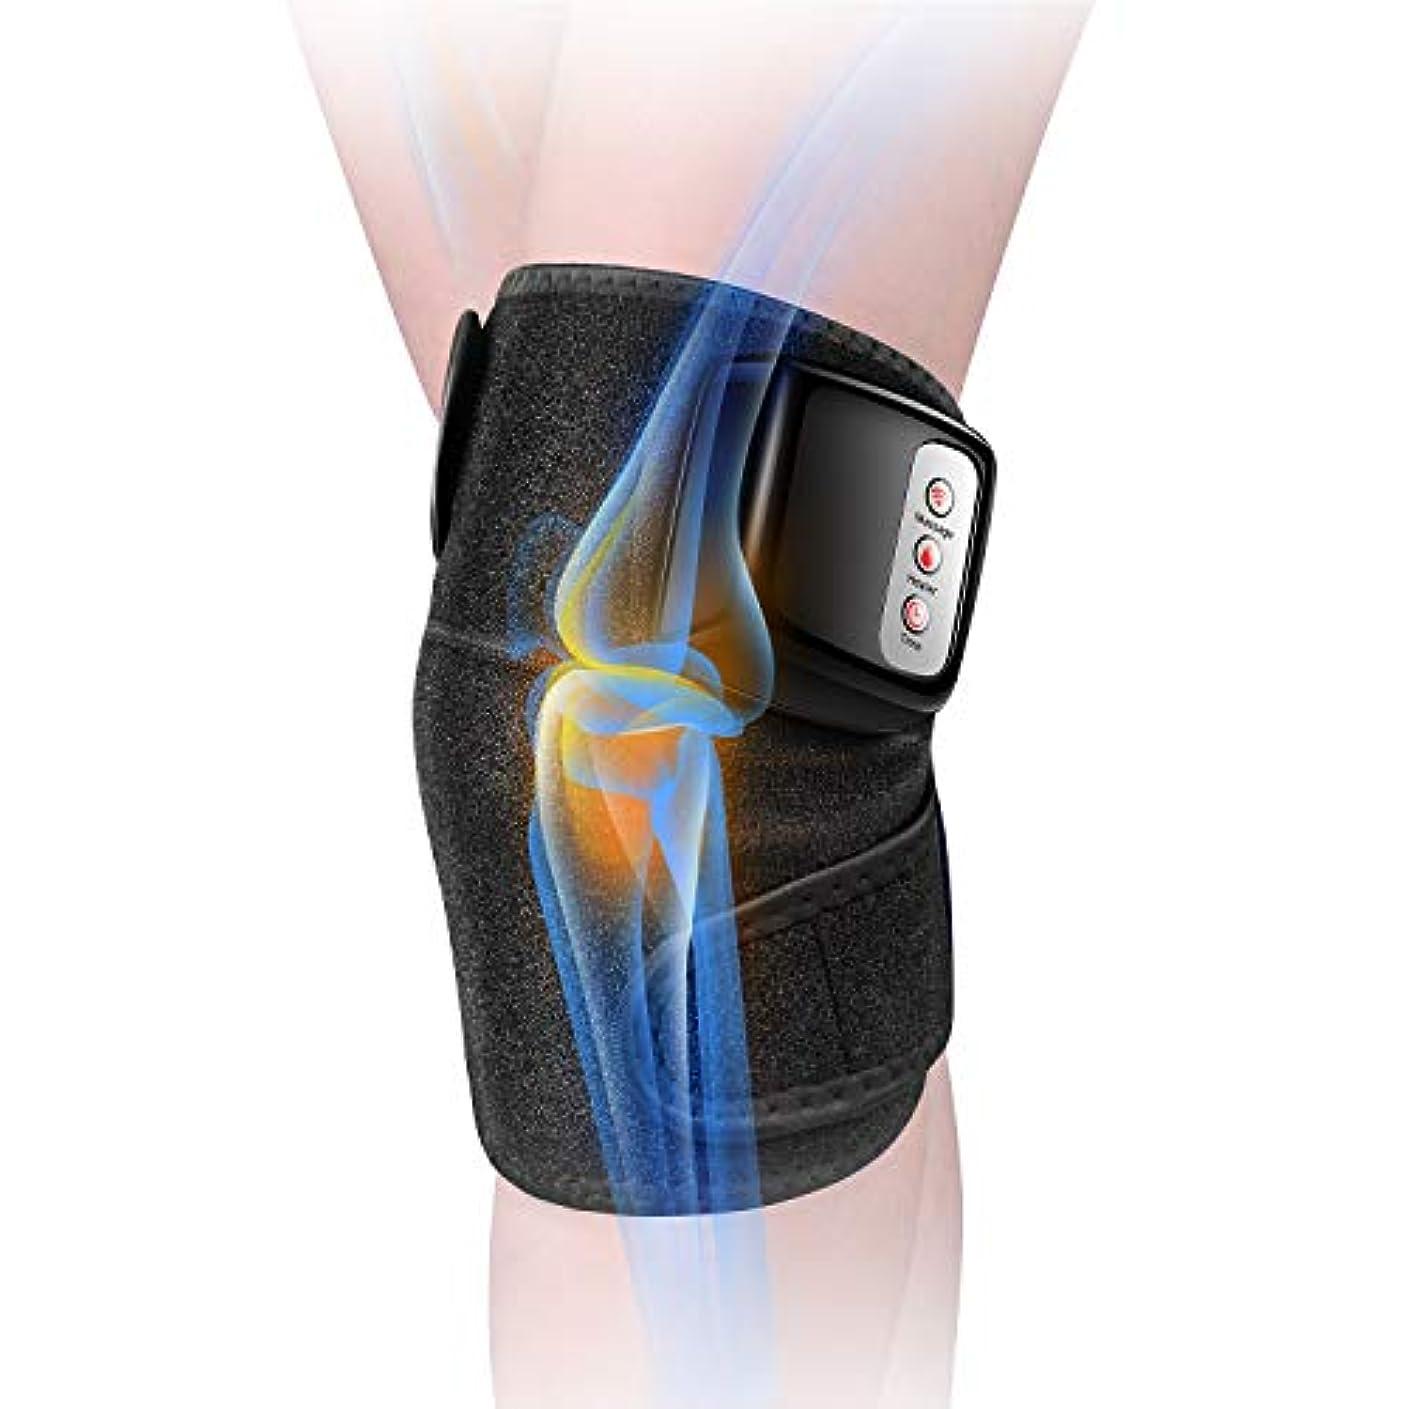 スイス人血まみれ櫛膝マッサージャー 関節マッサージャー マッサージ器 フットマッサージャー 振動 赤外線療法 温熱療法 膝サポーター ストレス解消 肩 太もも/腕対応